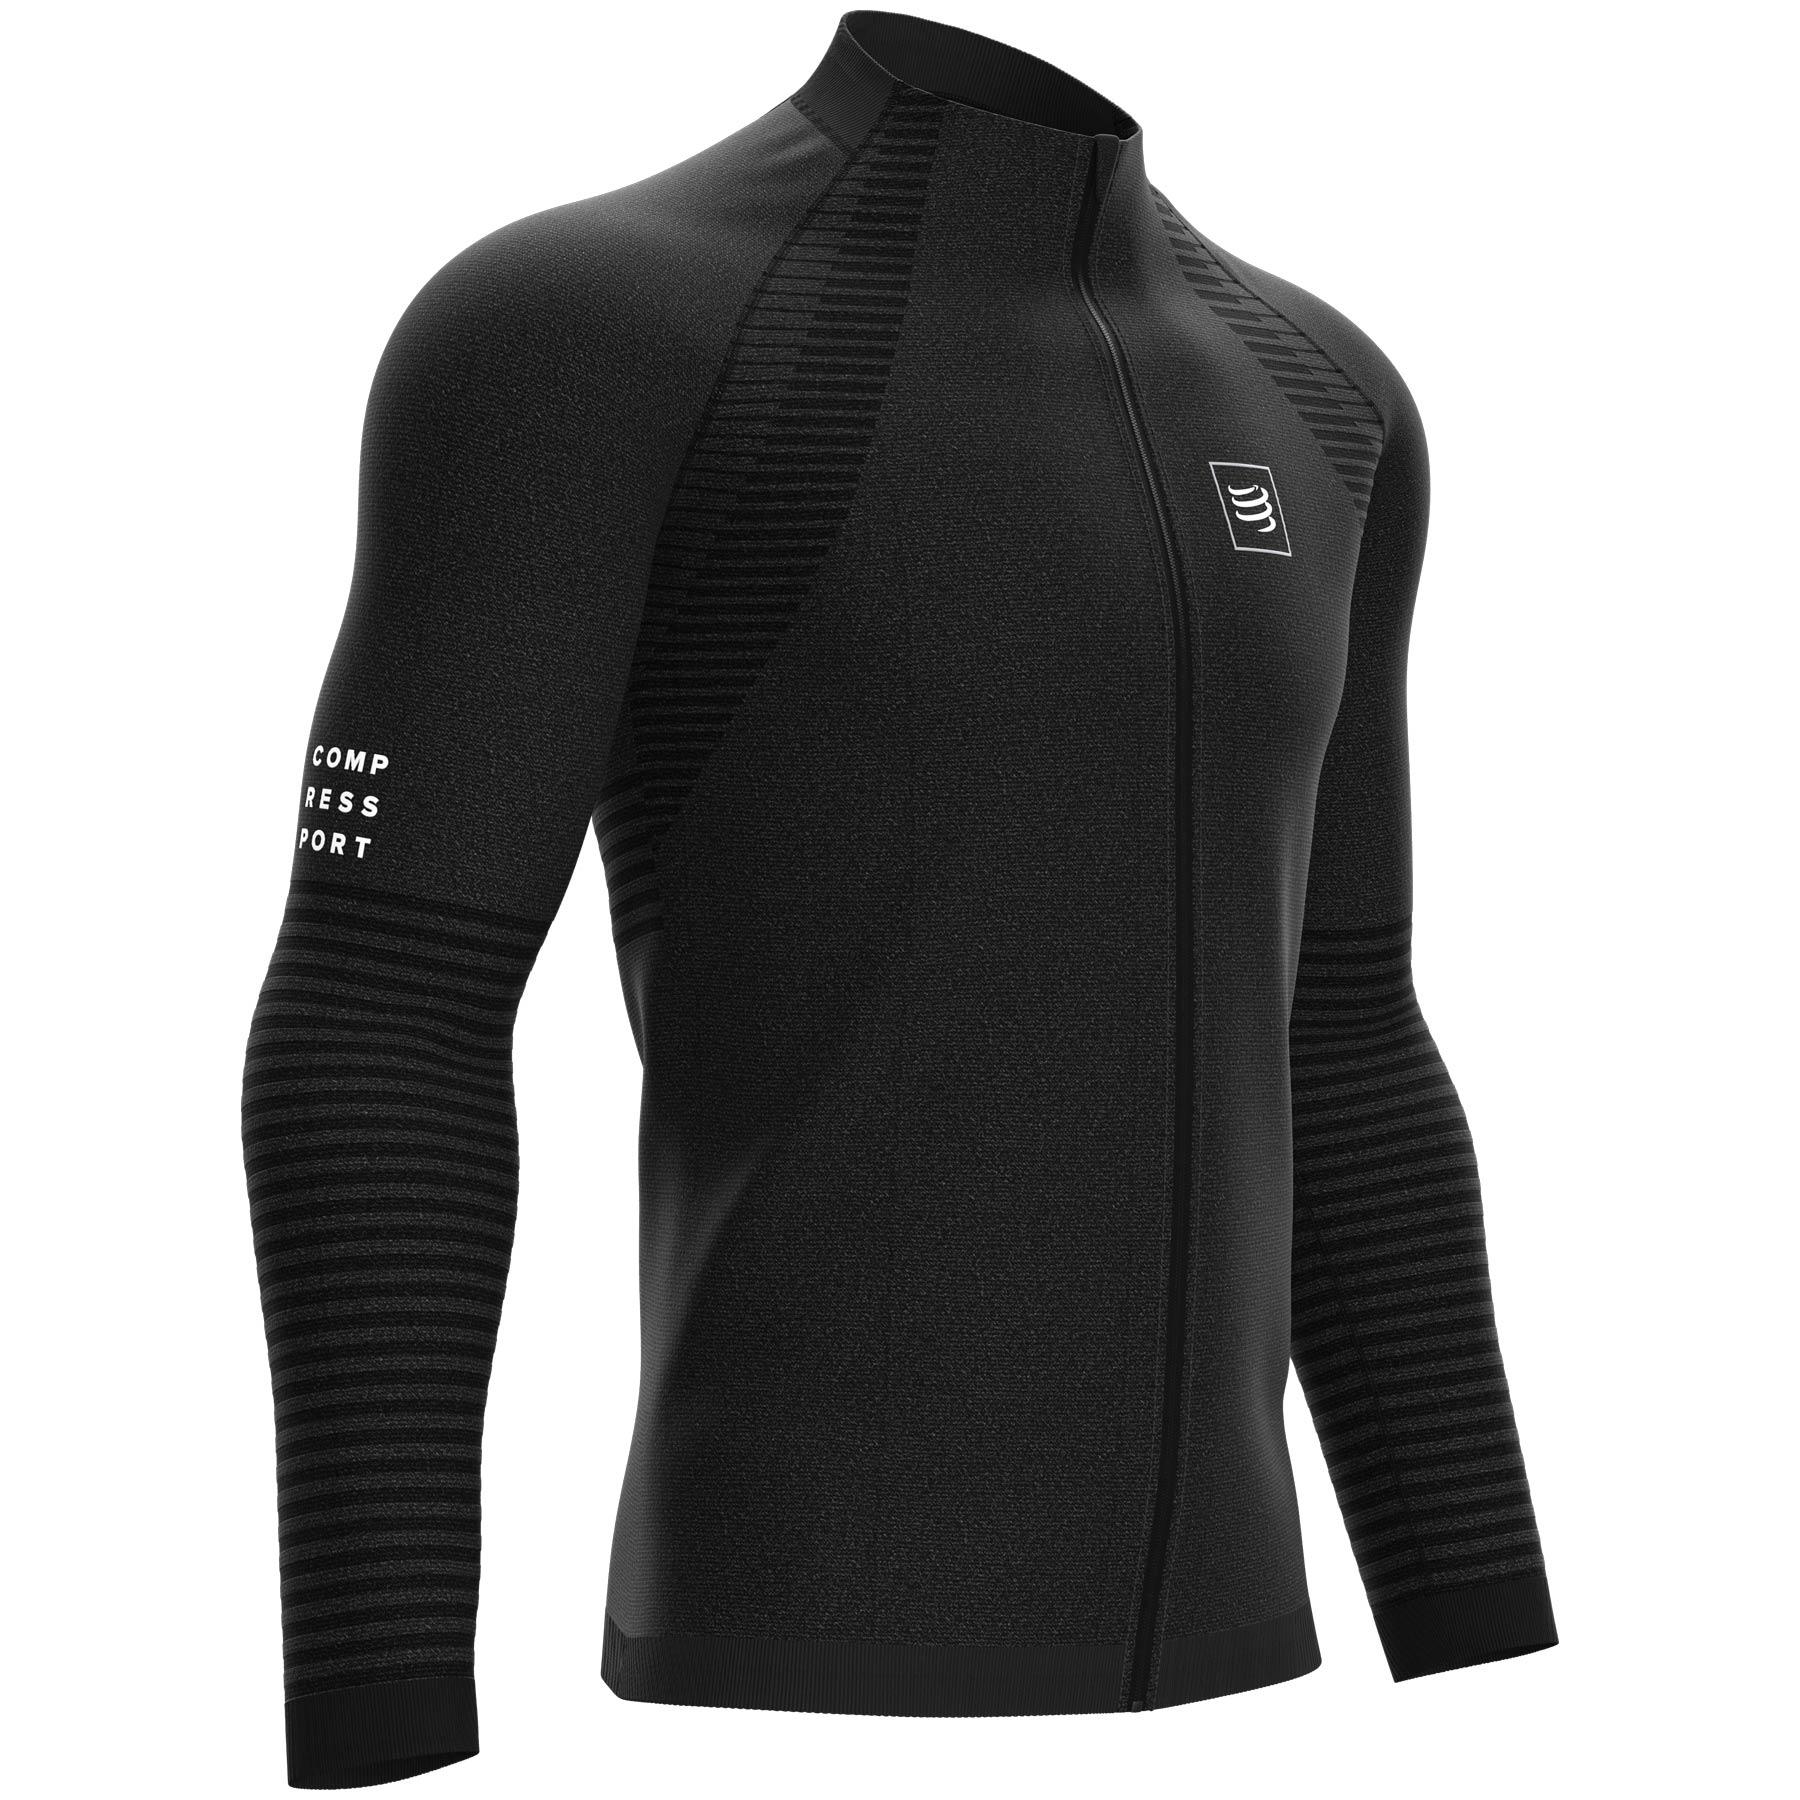 Produktbild von Compressport Nahtloses Sweatshirt mit Reißverschluss Unisex - black